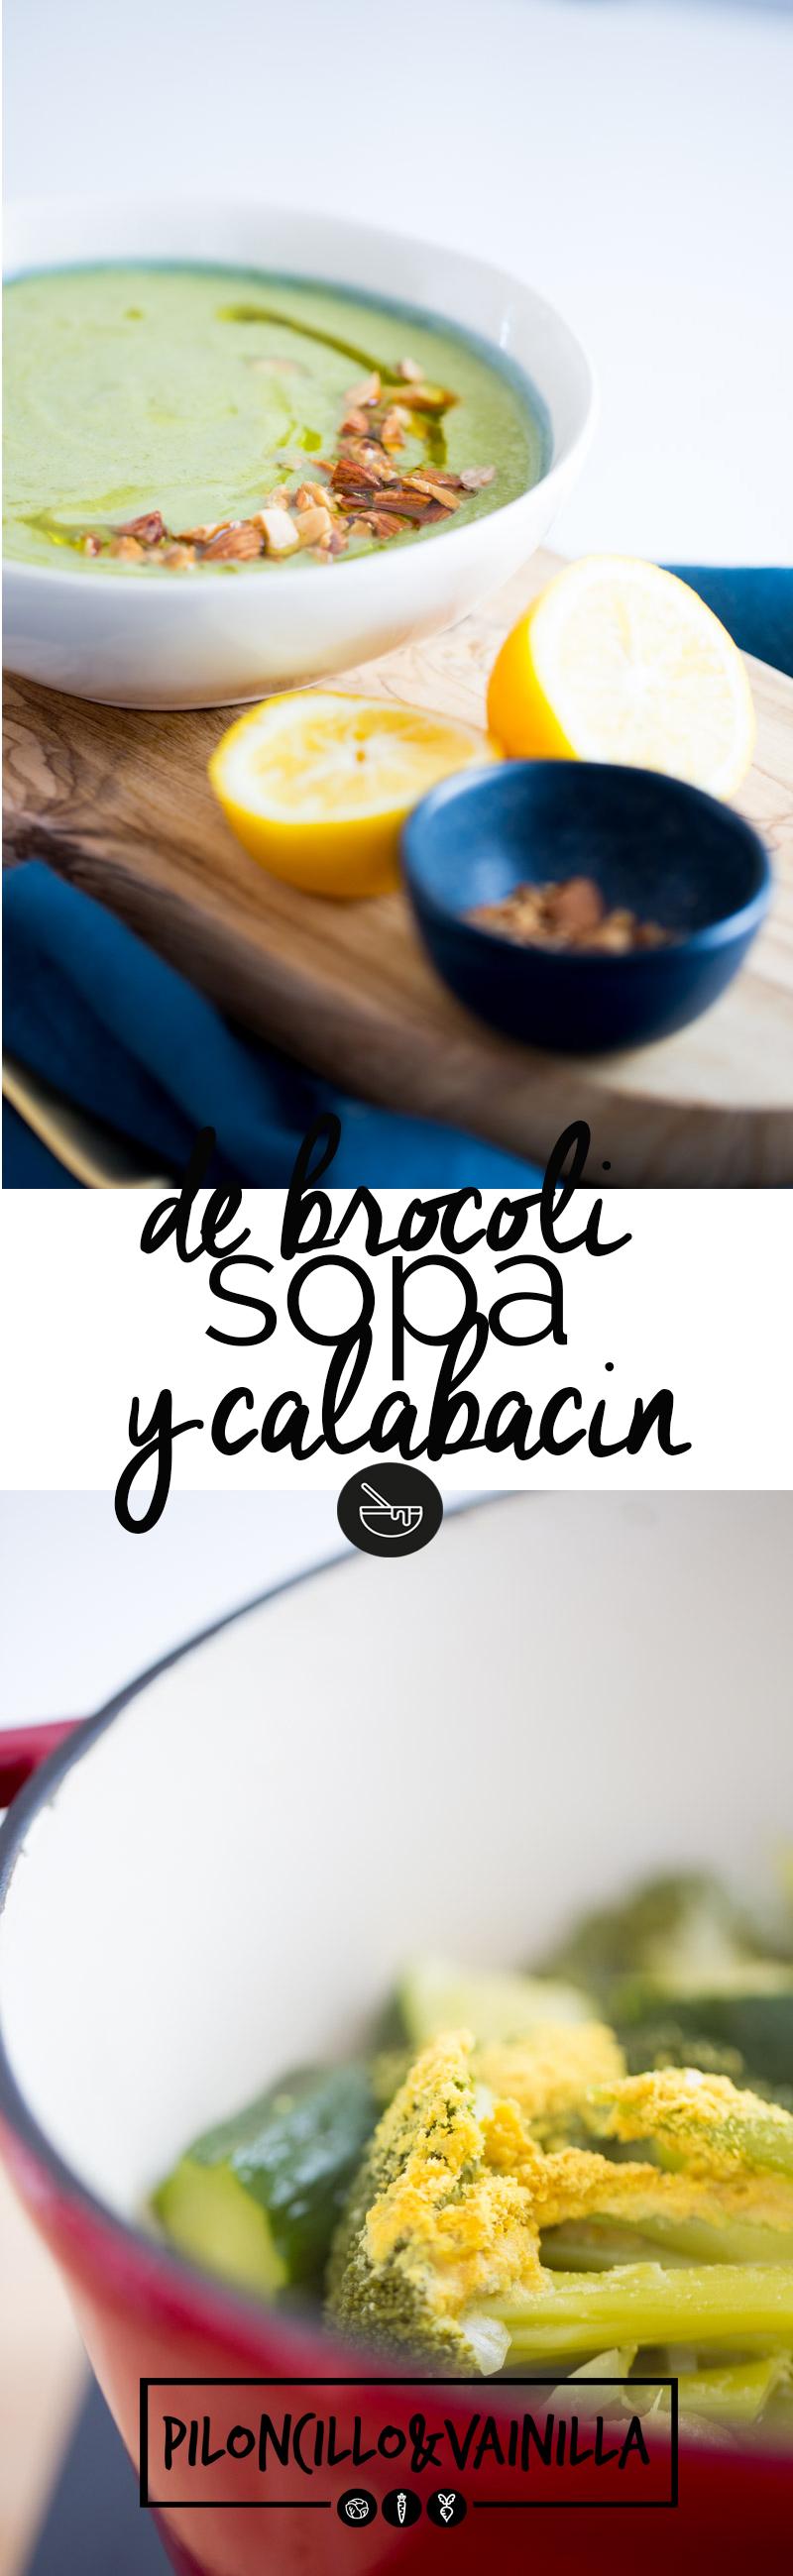 Sopa de brócoli y calabacín con vitamina B12 es la sopa perfecta para cuando queremos comer saludable y delicioso pero cocinando super rápido.